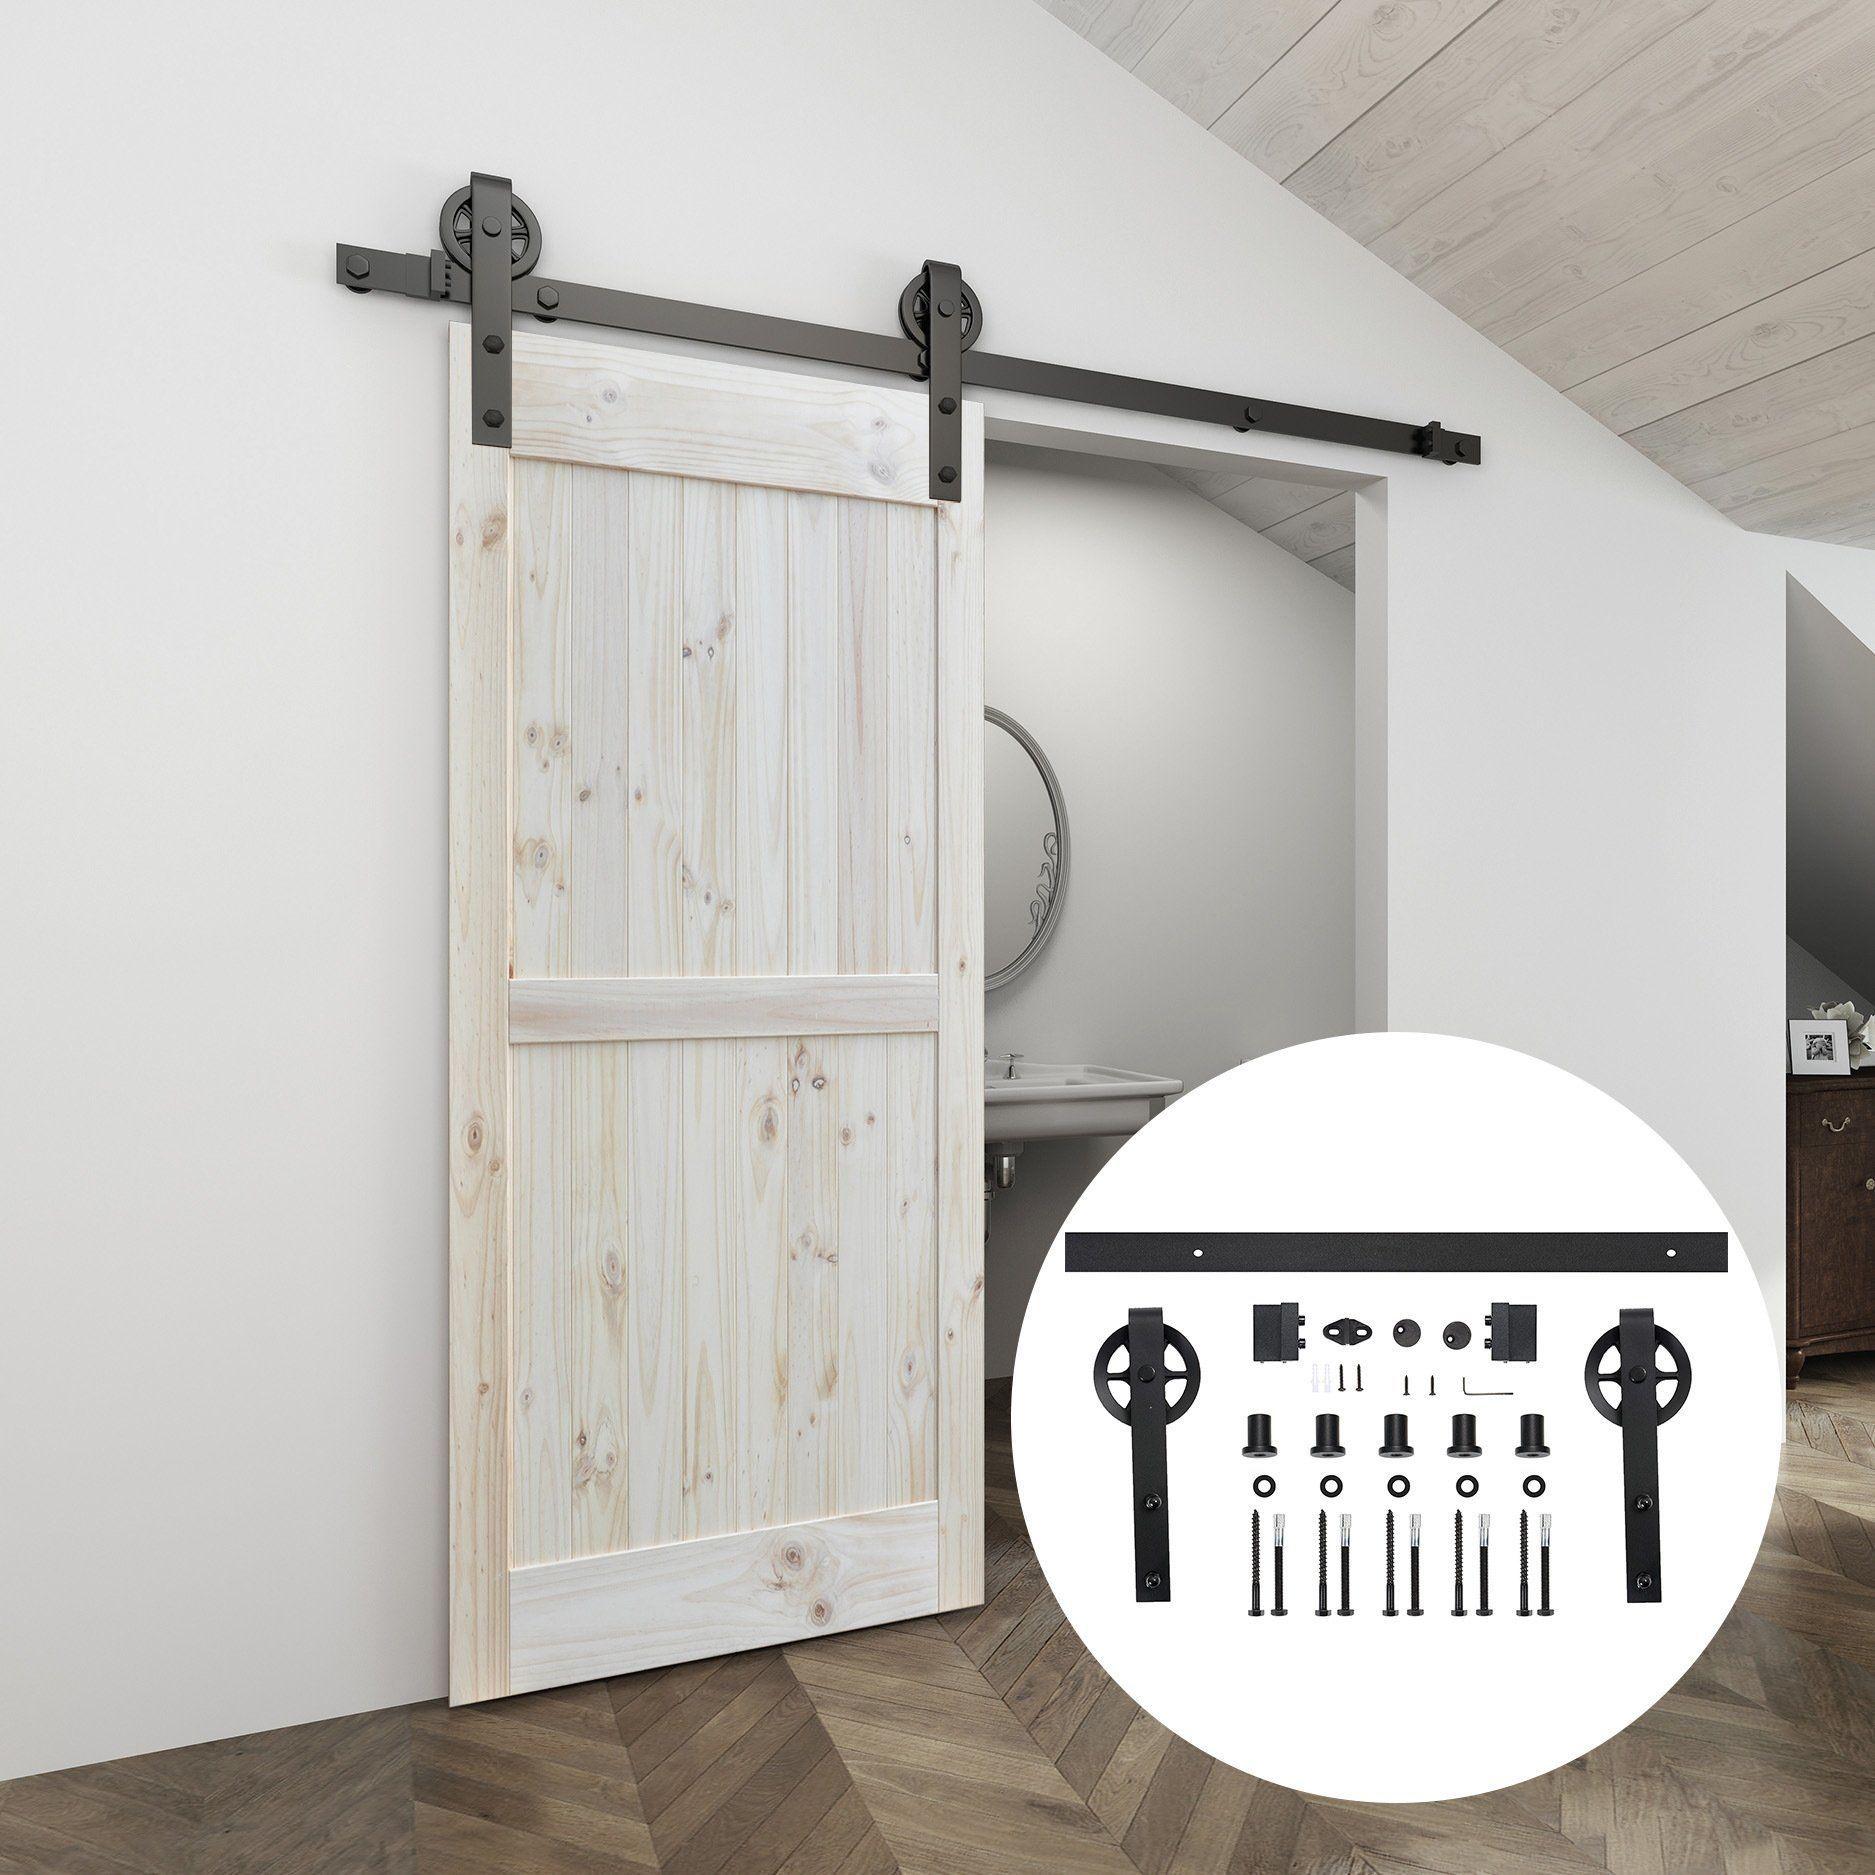 4.9FT/6FT/6.6FT/8FT Carbon Steel Sliding Barn Door Hardware Kit, Heavy Duty Hanger Roller Interior Sliding Barn Door Hardware for Single Wood Door Easy to Install - 183cm(6ft) kit